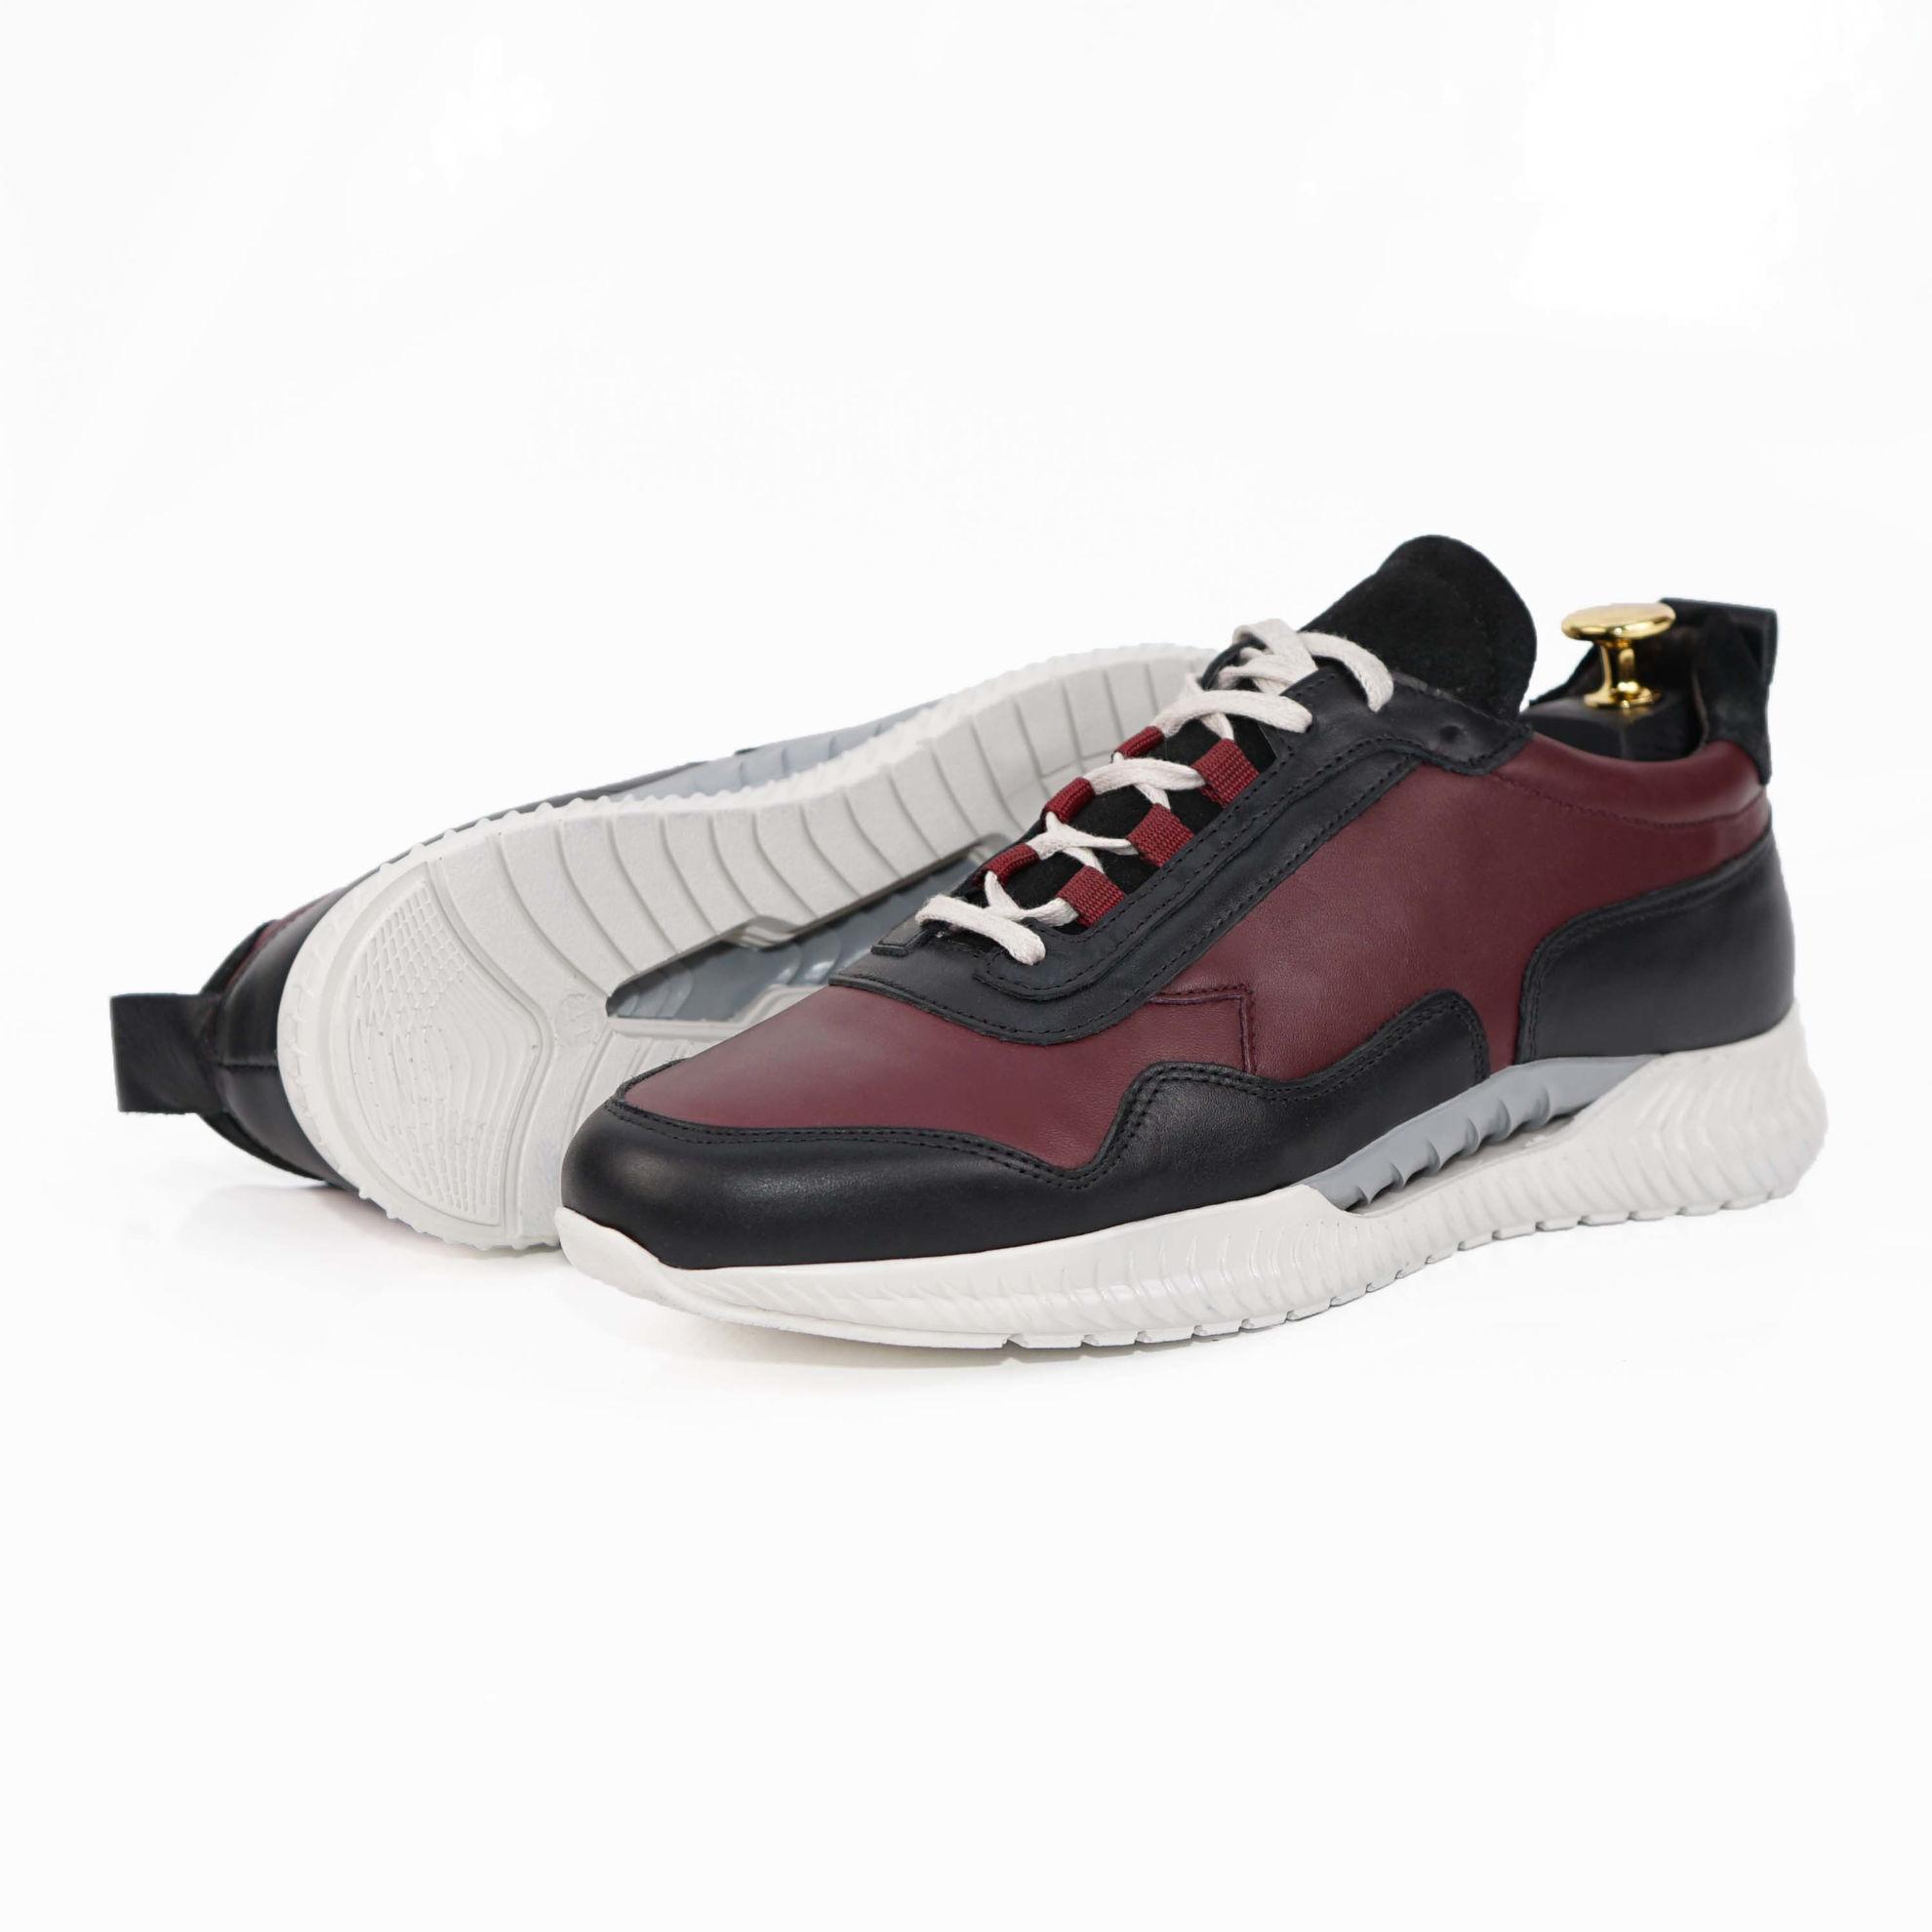 Imagine Pantofi sport bărbați piele naturală 467 visiniu-negru